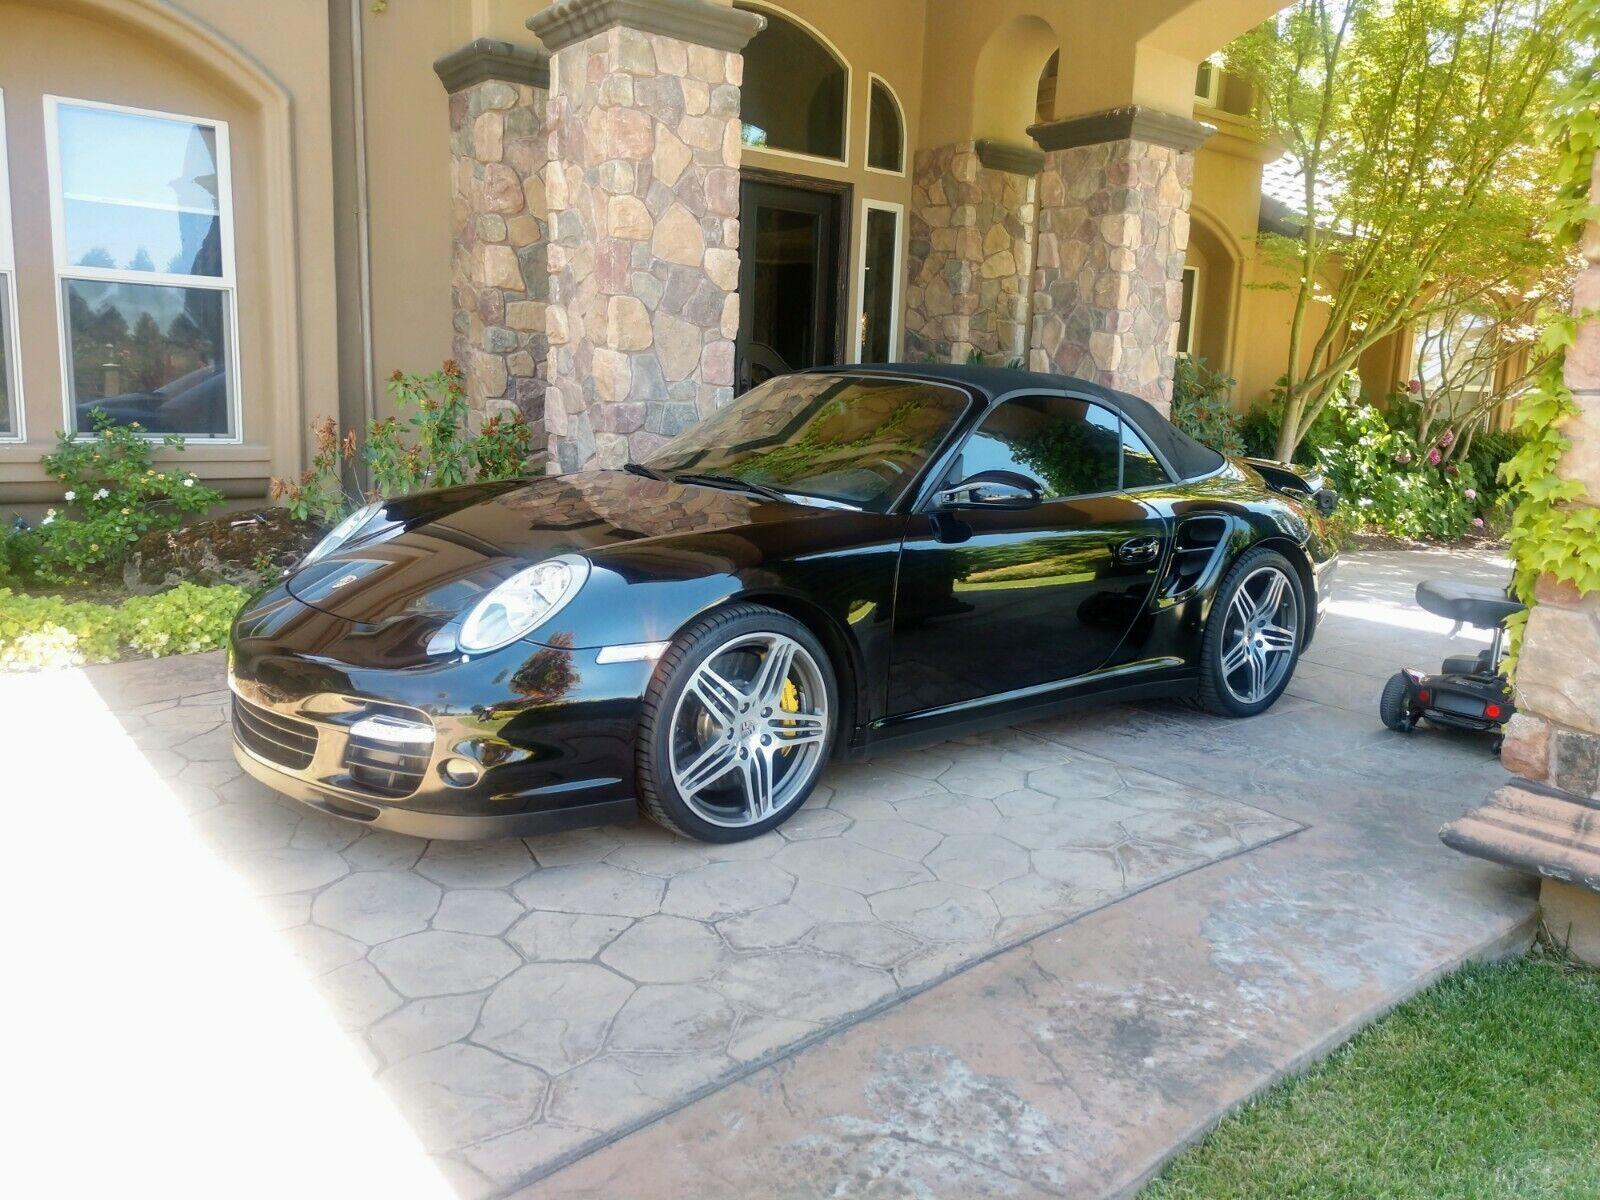 2008 porsche 911 turbo 3.6l